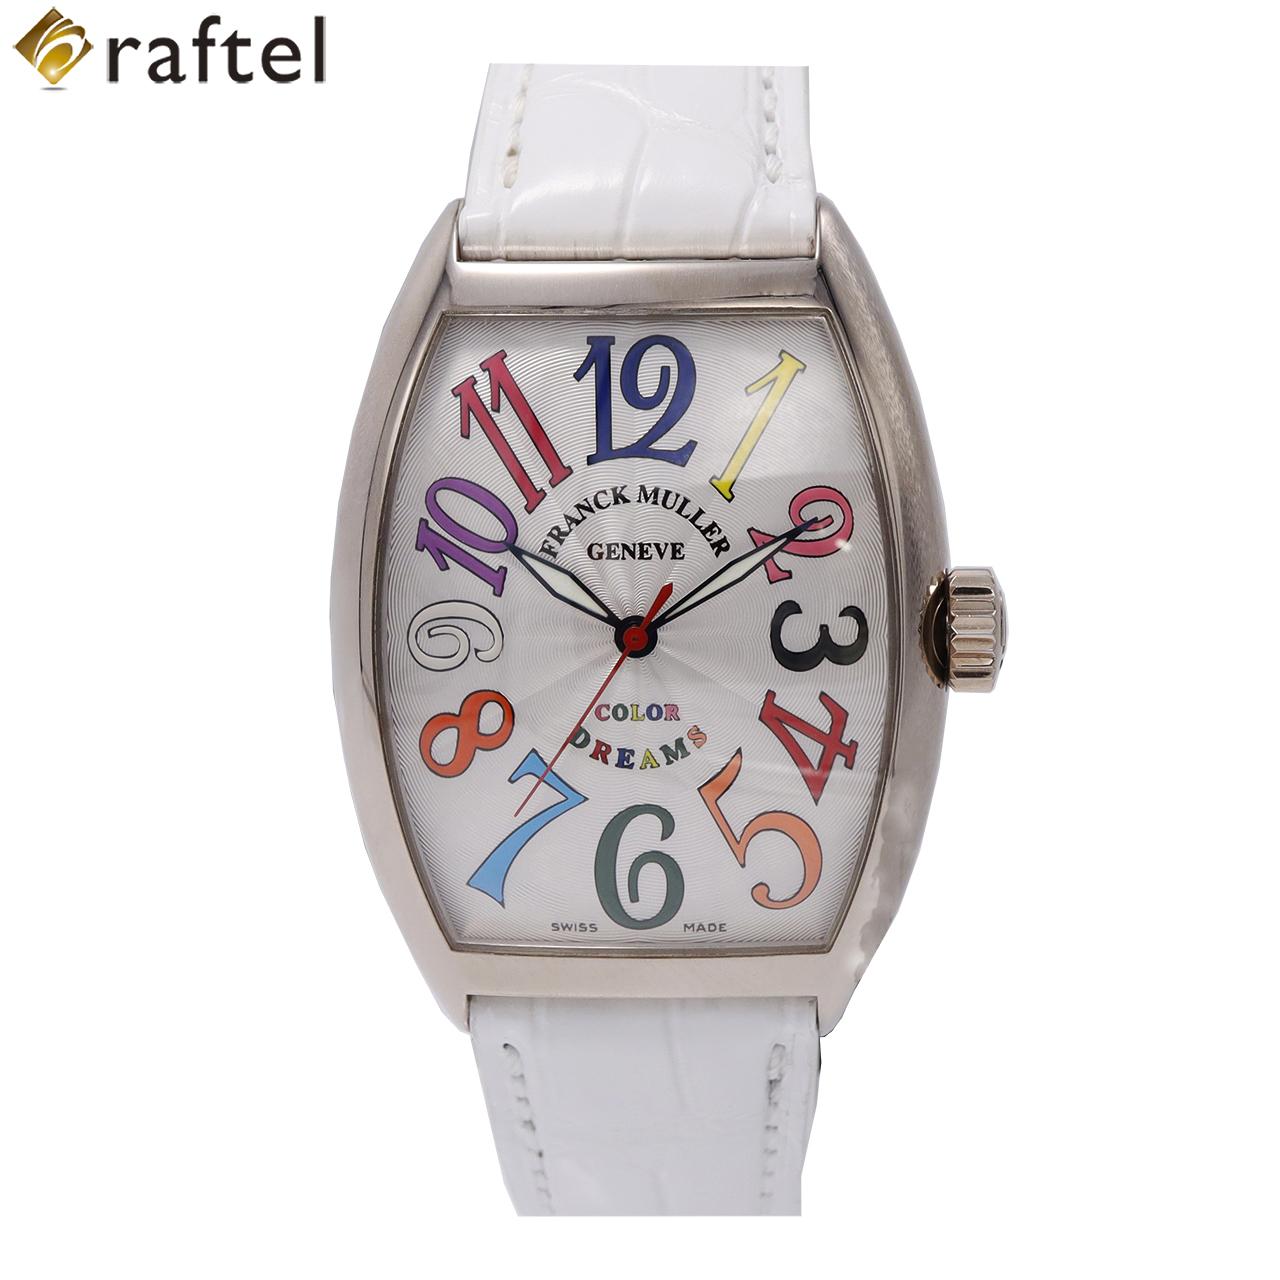 フランクミュラーはどの年齢層に人気のある時計??